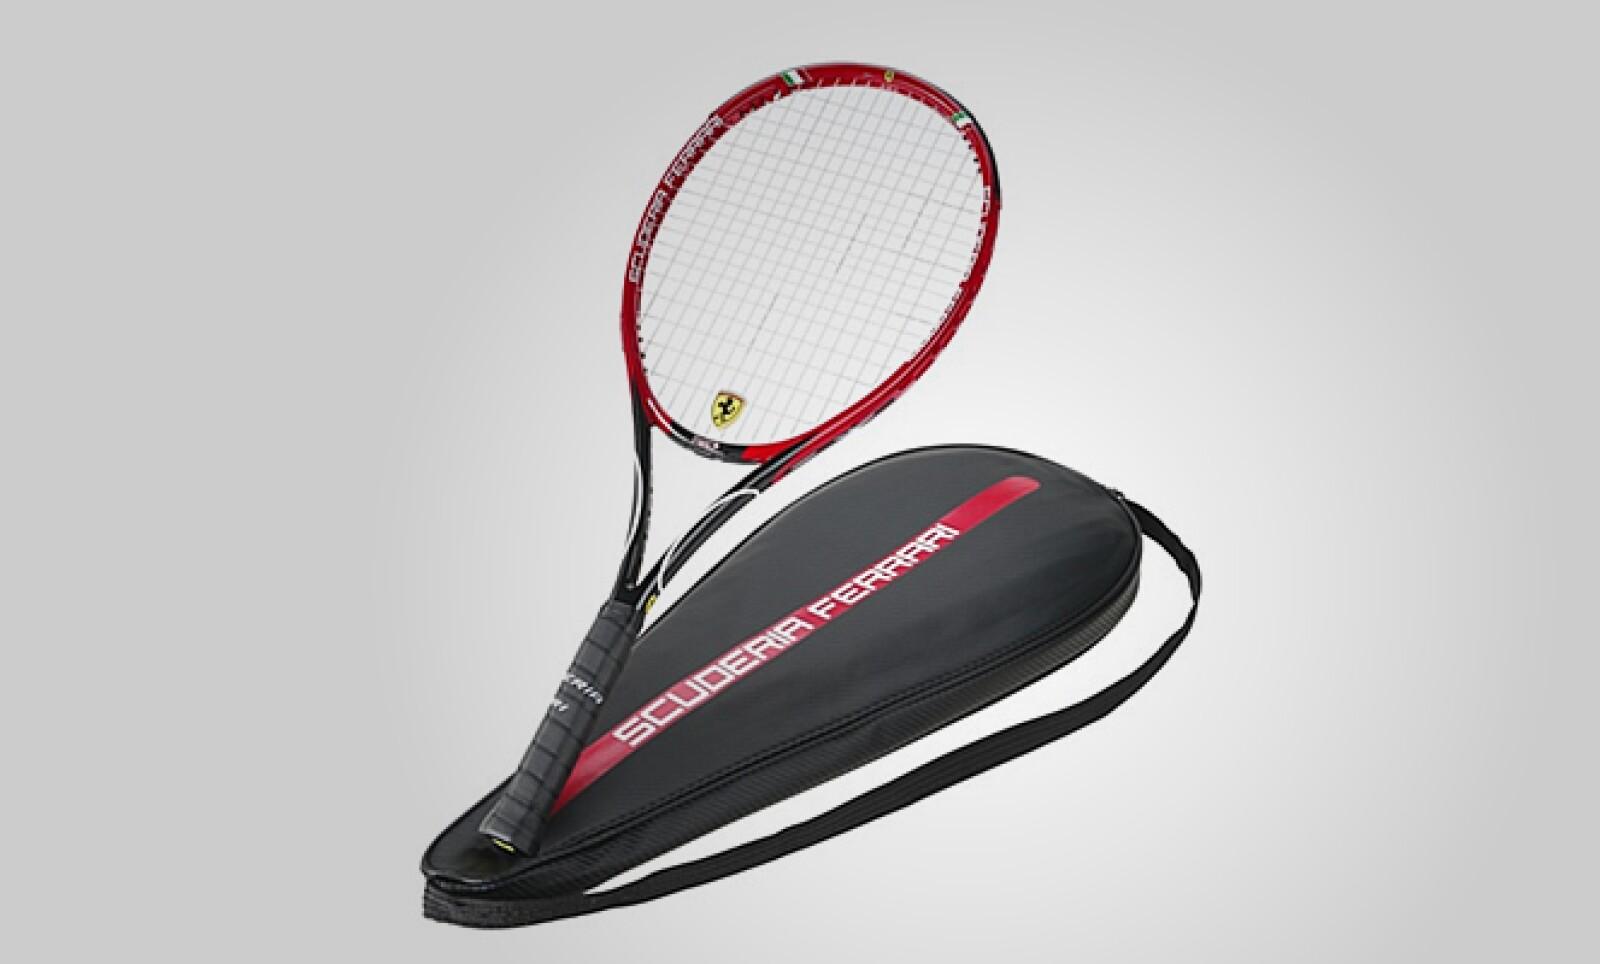 Finalmente, si lo tuyo no es la velocidad y prefieres un deporte un 'poco' más tranquilo, la escudería italiana presenta esta raqueta de tenis, que ostenta el logo de la automotriz en sus tensas cuerdas. Precio: 412 dólares.